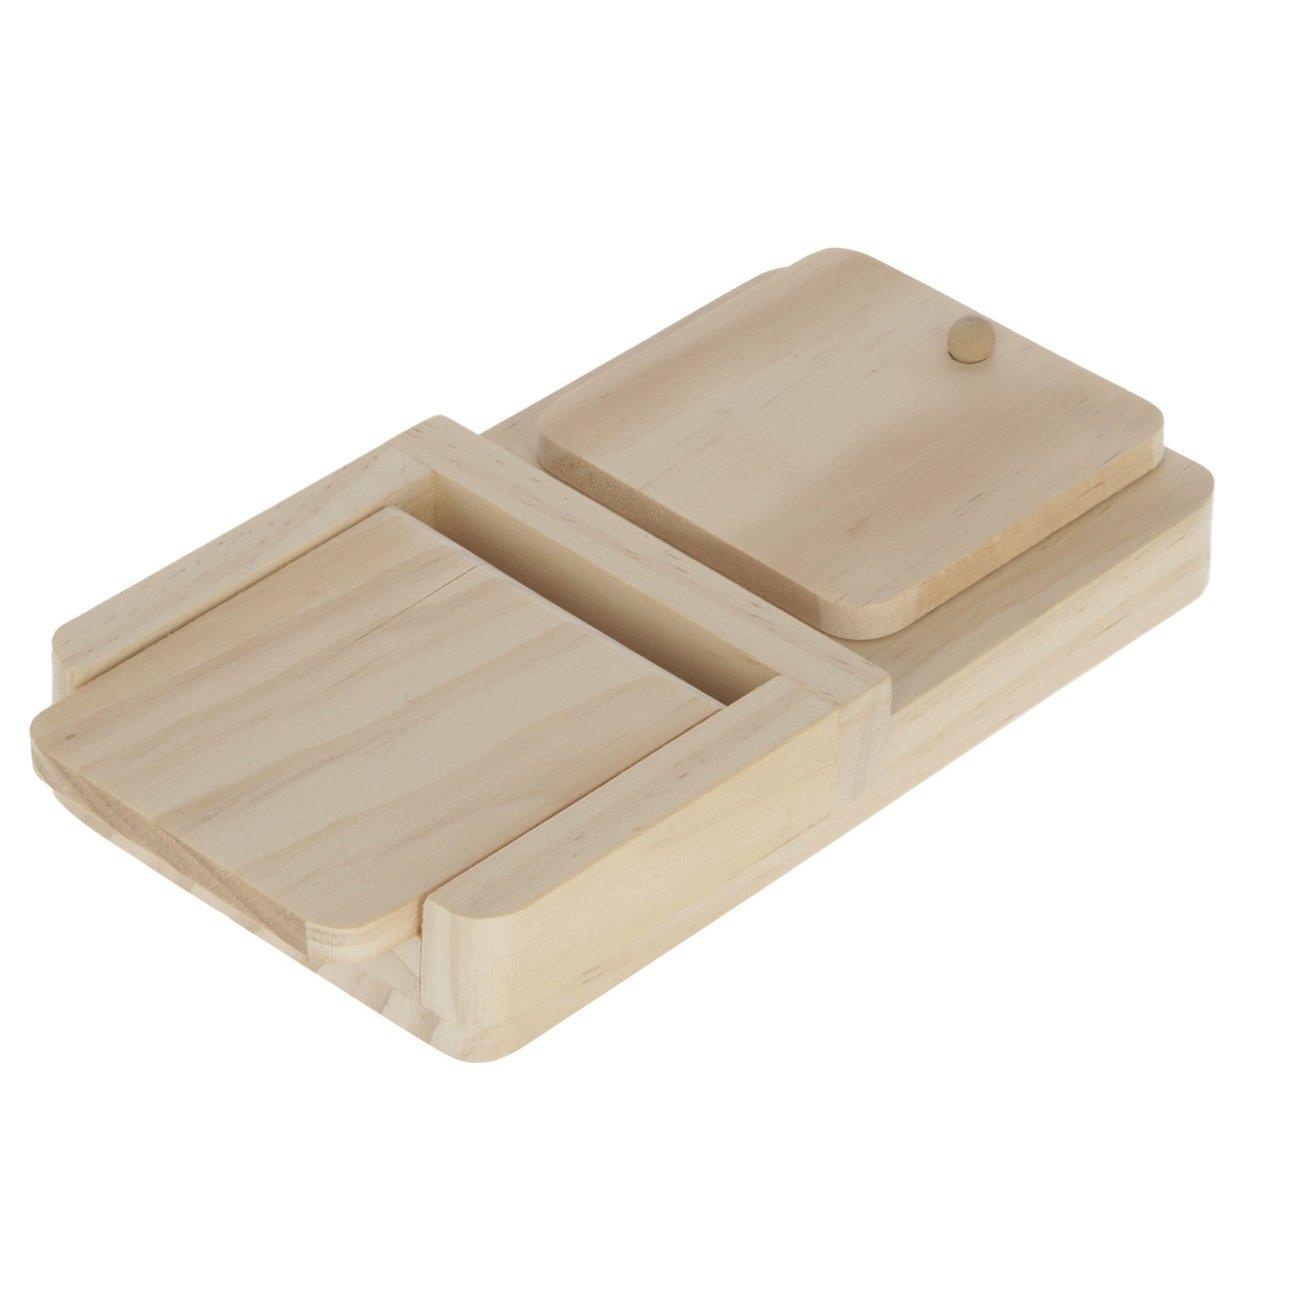 Kerbl Denk- und Lernspielzeug für Nager, 21 x 11 x 3,5 cm